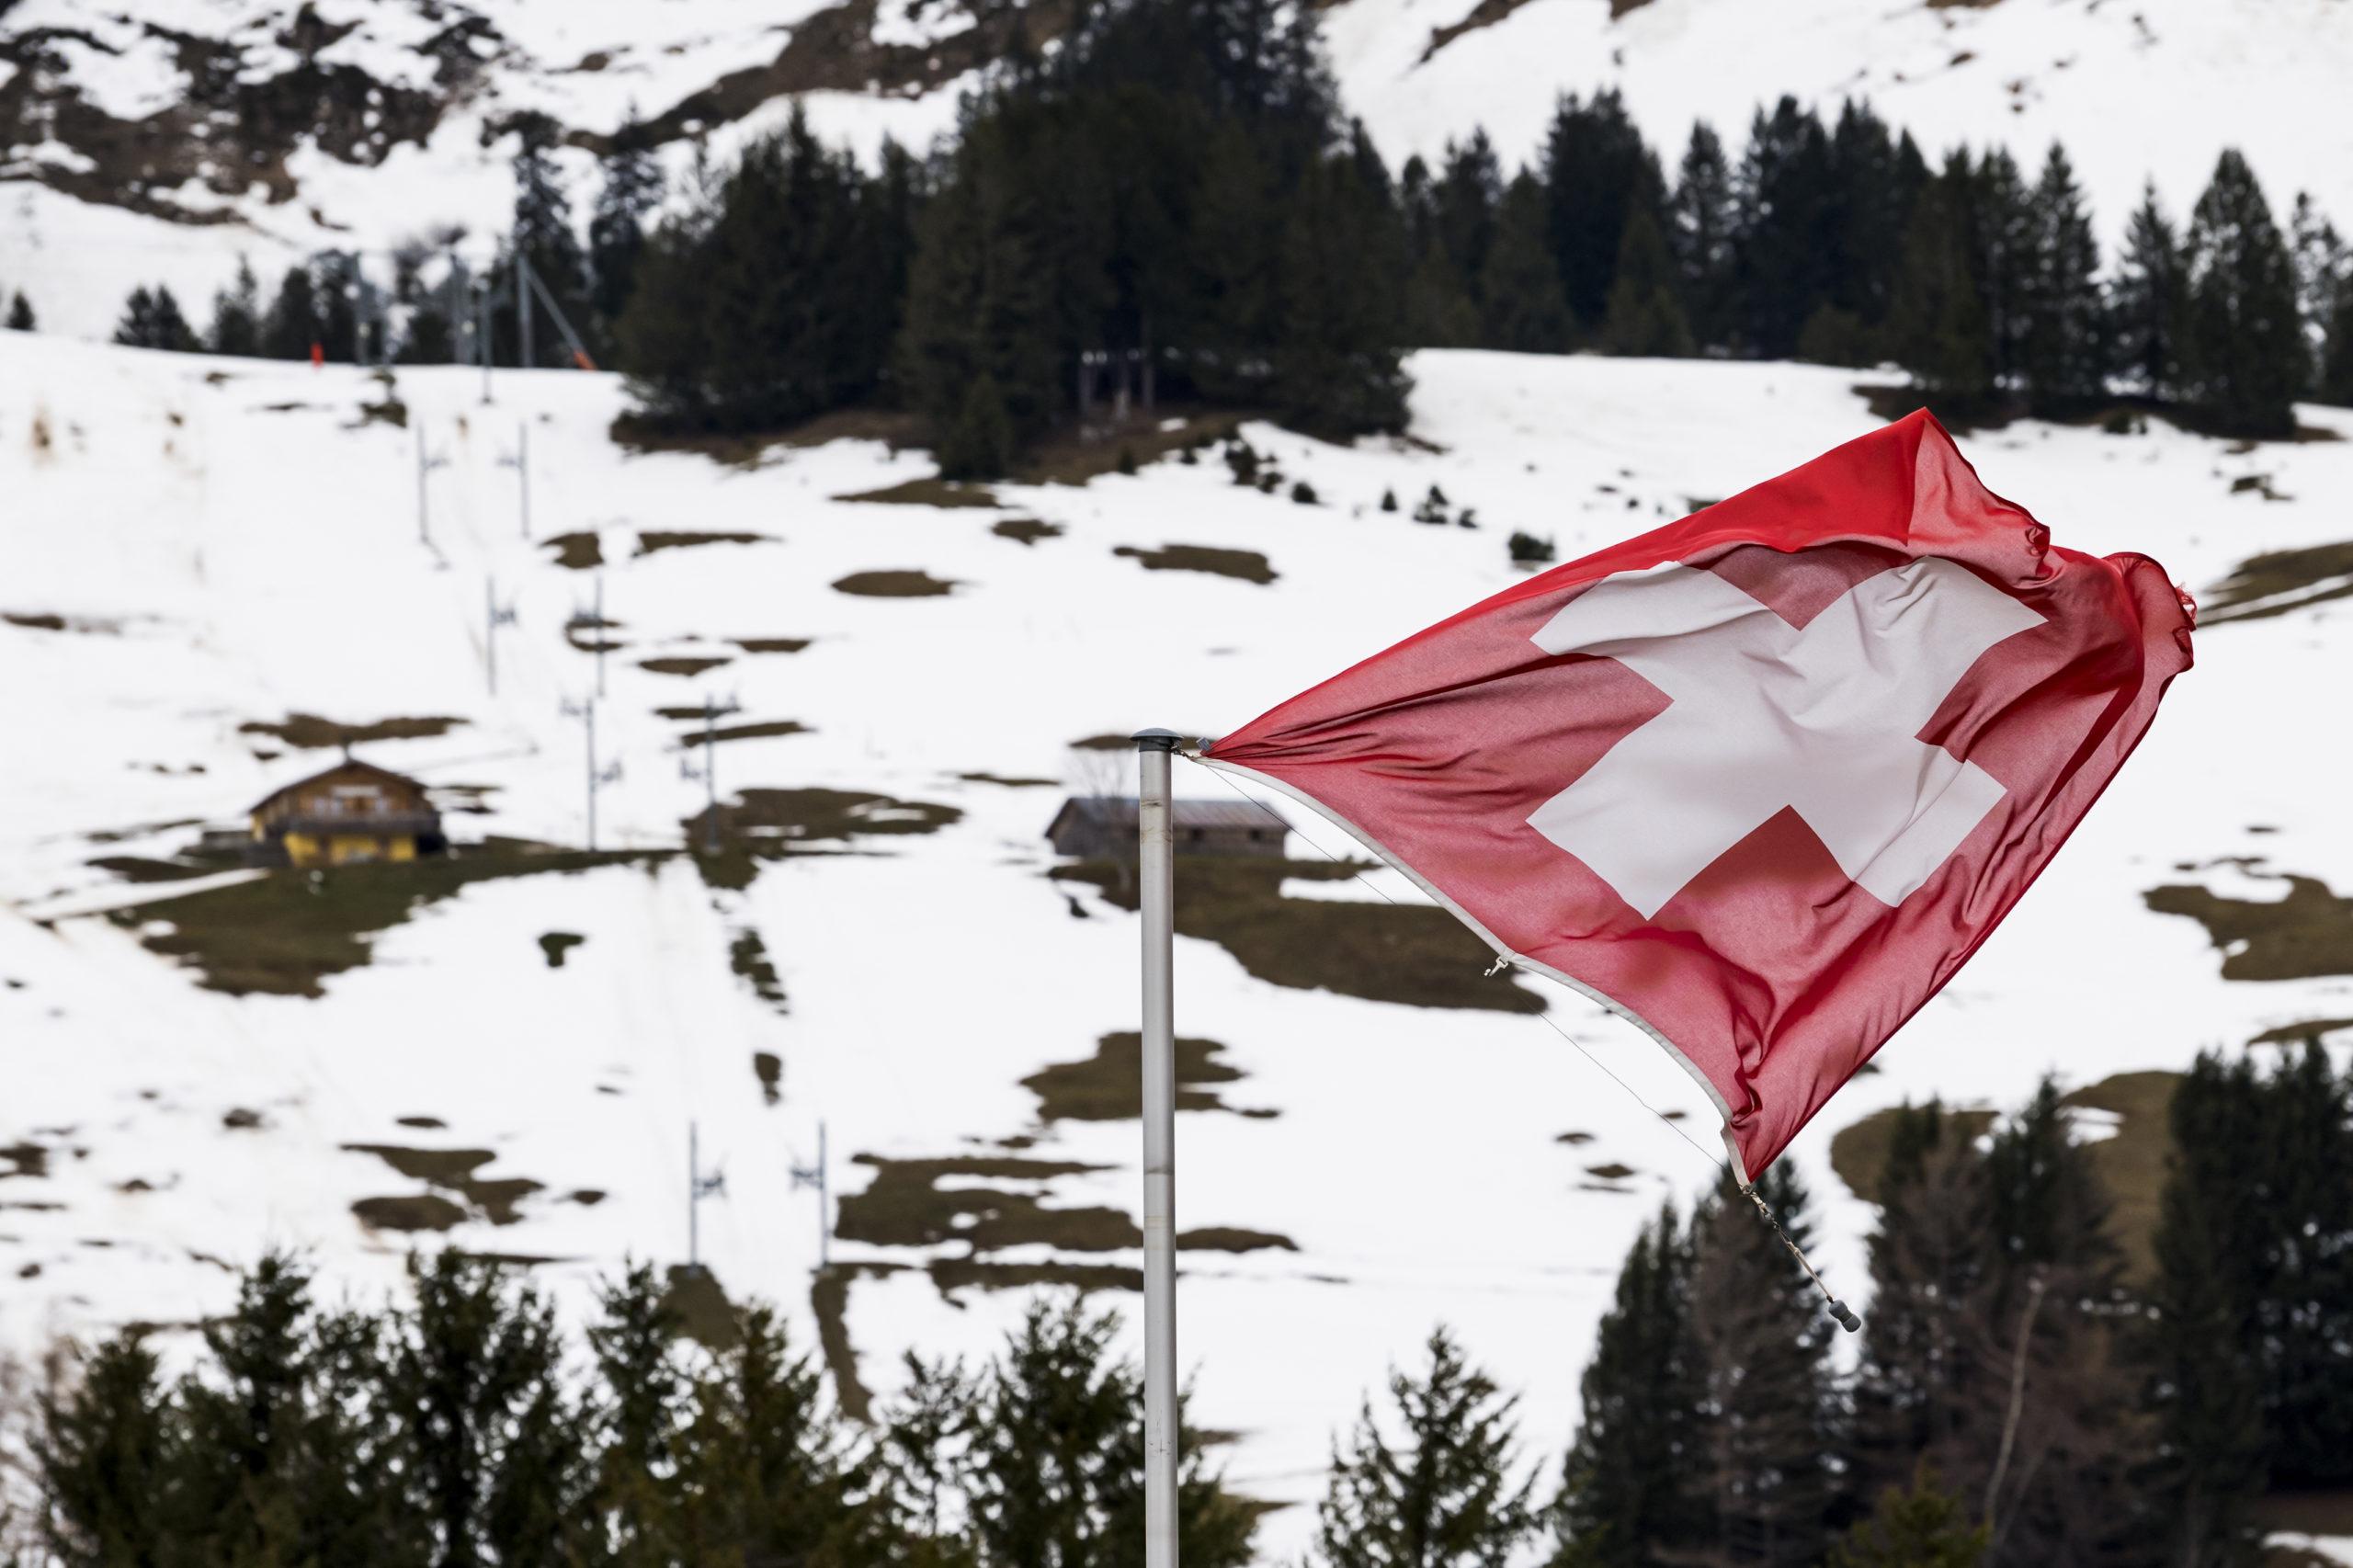 Une tempête traverse la Suisse